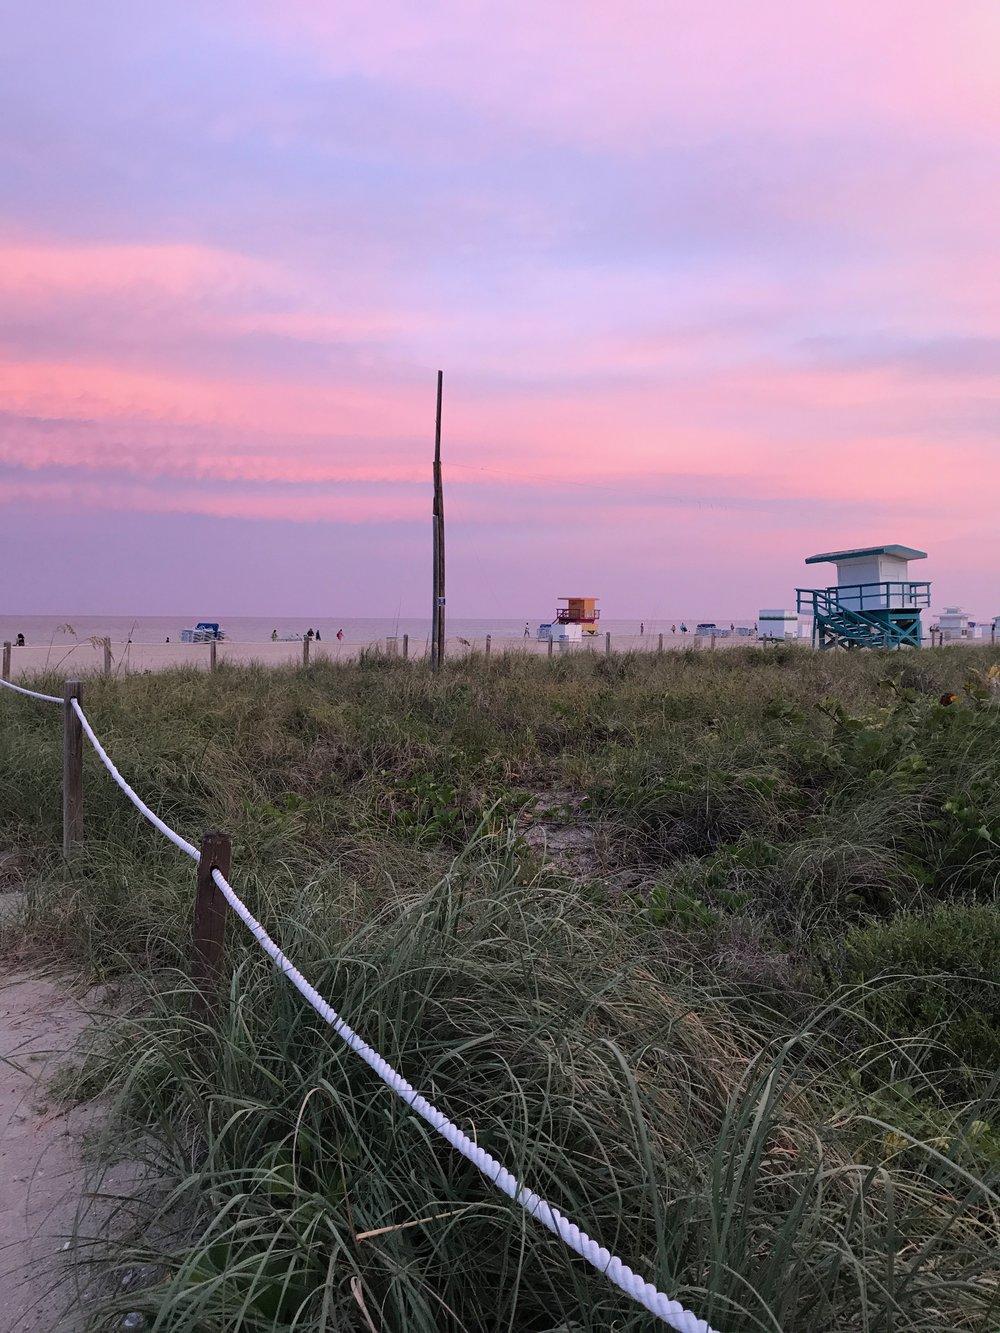 Wanderlust tip: - Les recomiendo tomar el Sol y en la zona Sur de la isla,cerca del Art Deco District (entre calles 5 y 15 sobre Ocean Dr.)El mar es más claro y la playa más limpia. Además hay mil sitios cerca para comer.